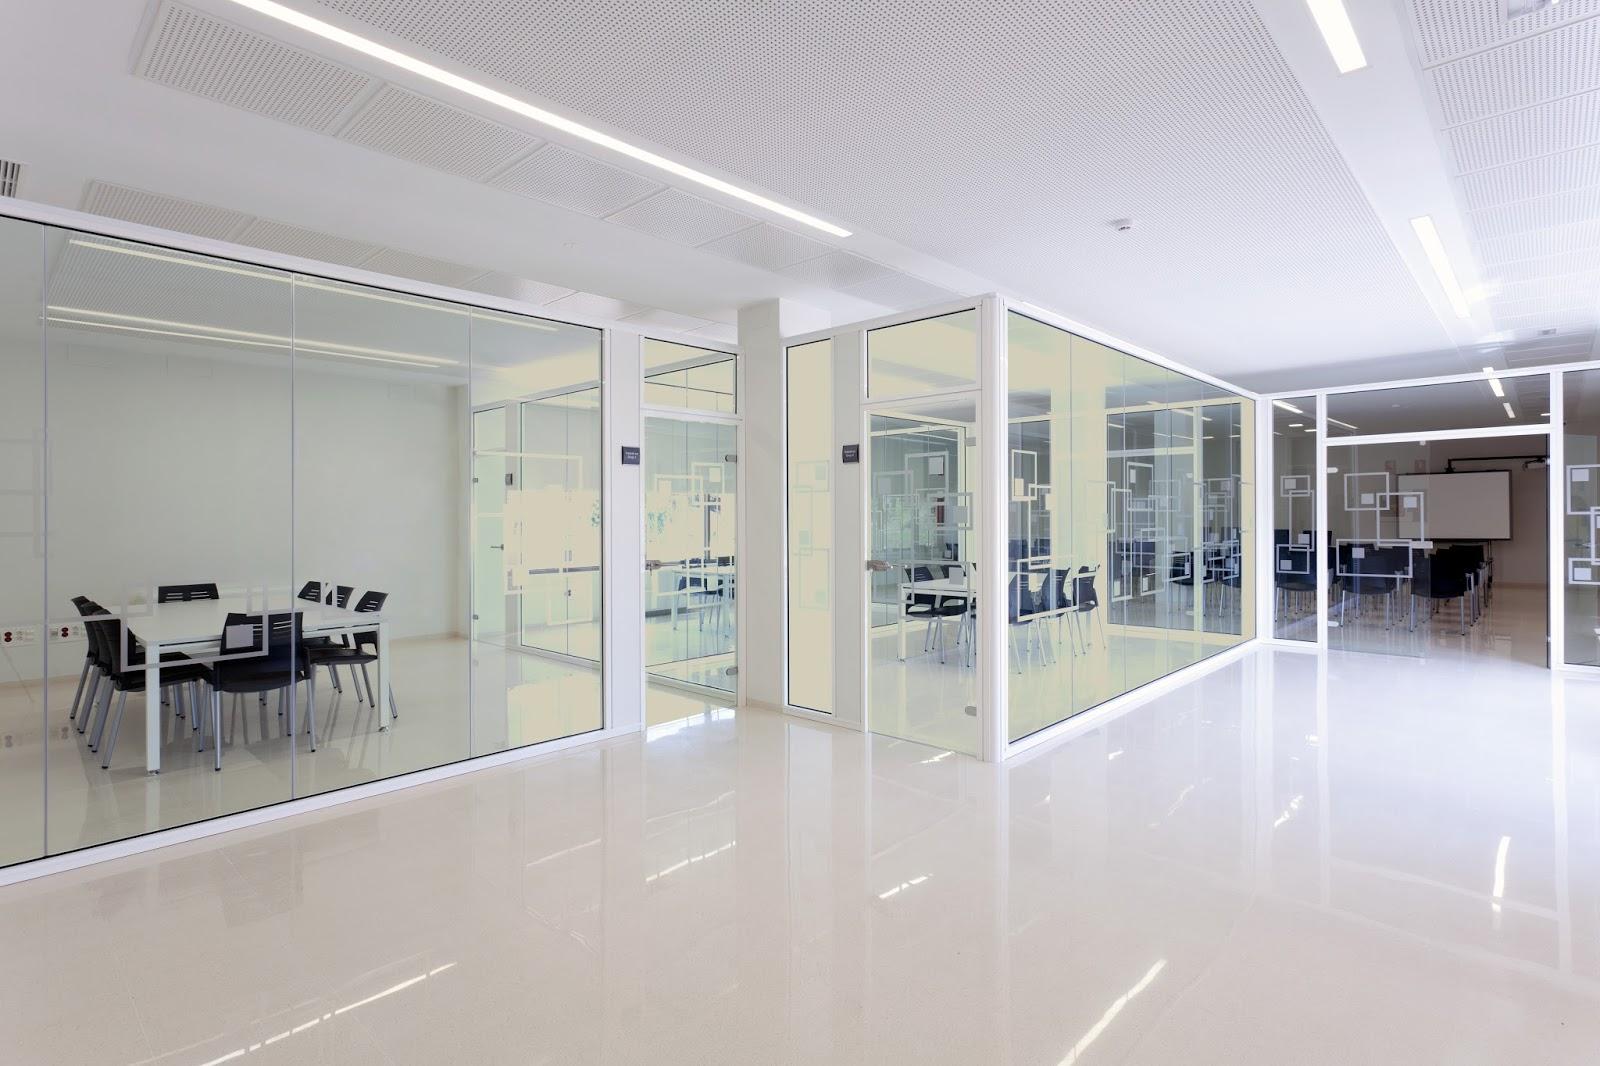 Cerramientos de cristal sevilla presupuesto gratis - Cerramientos de vidrio para interiores ...